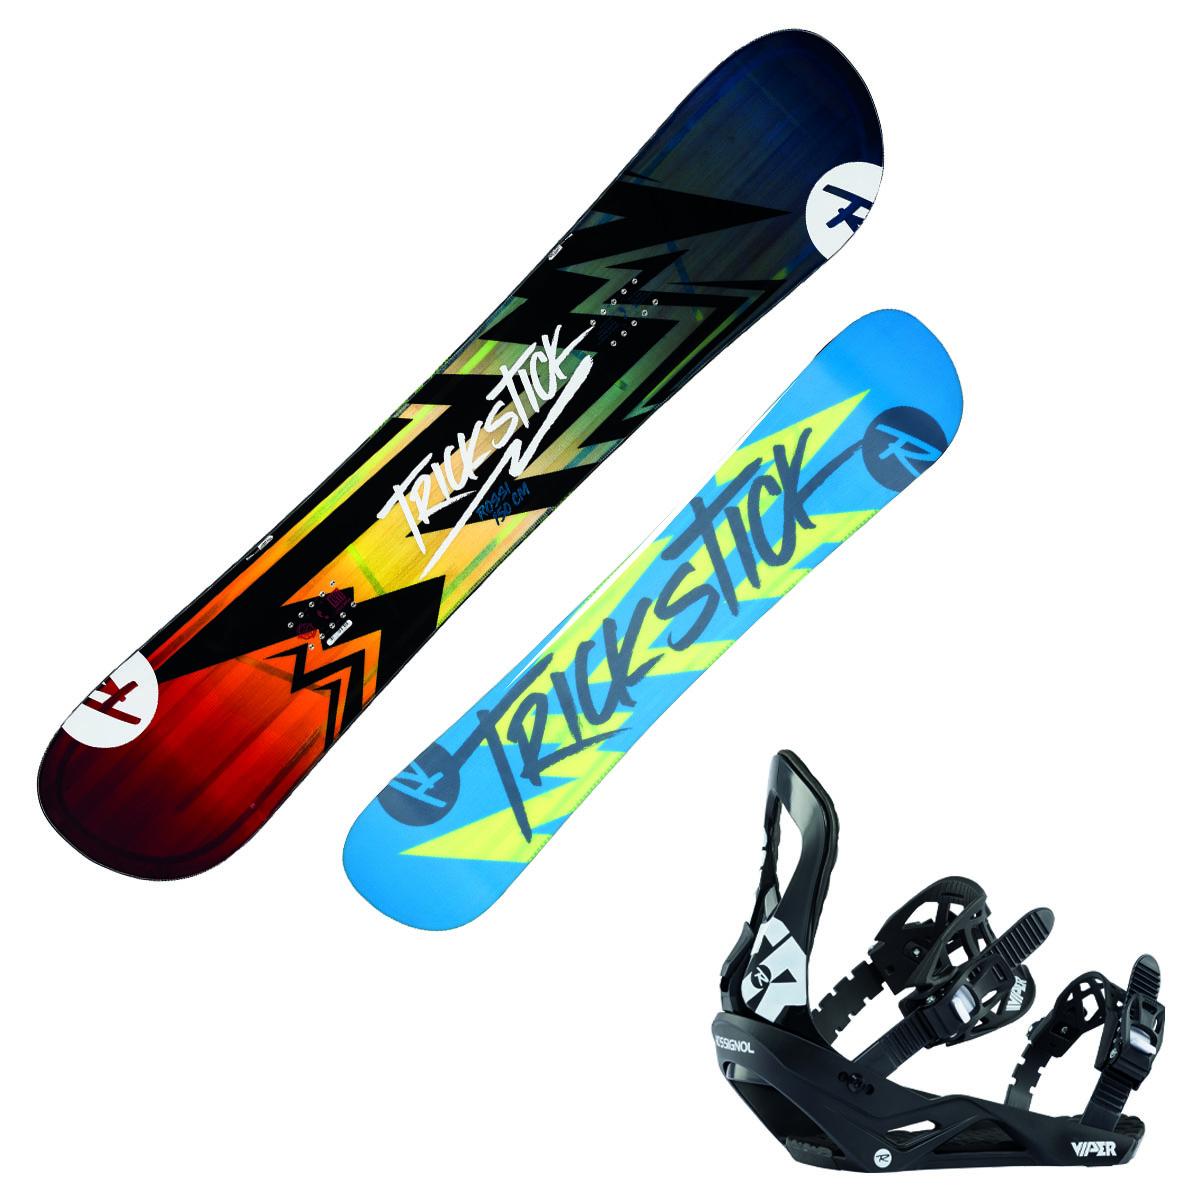 Snowboard Rossignol Trickstick Af con attacchi Viper M/L (Colore: fantasia, Taglia: 158)